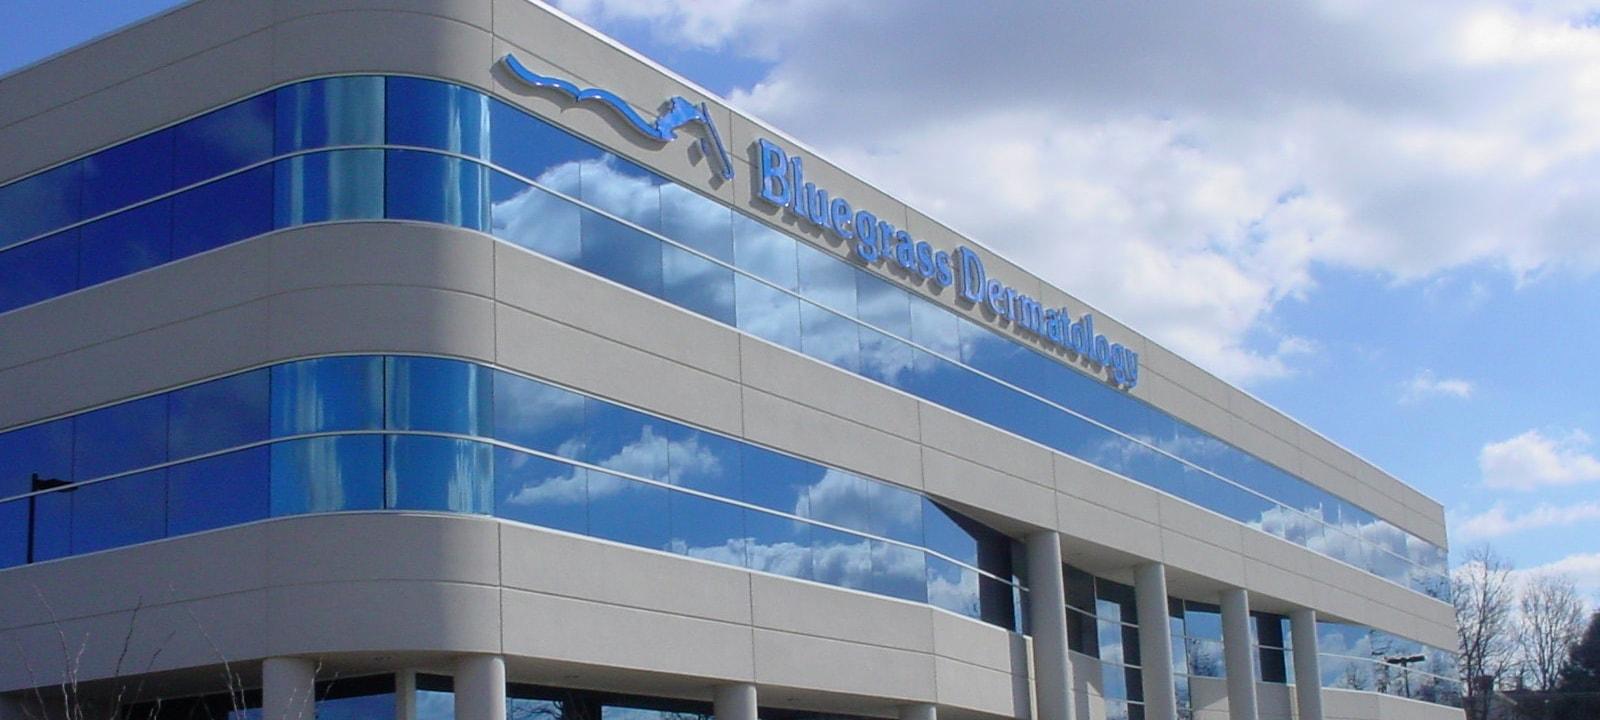 Bluegrass Dermatology Office Building